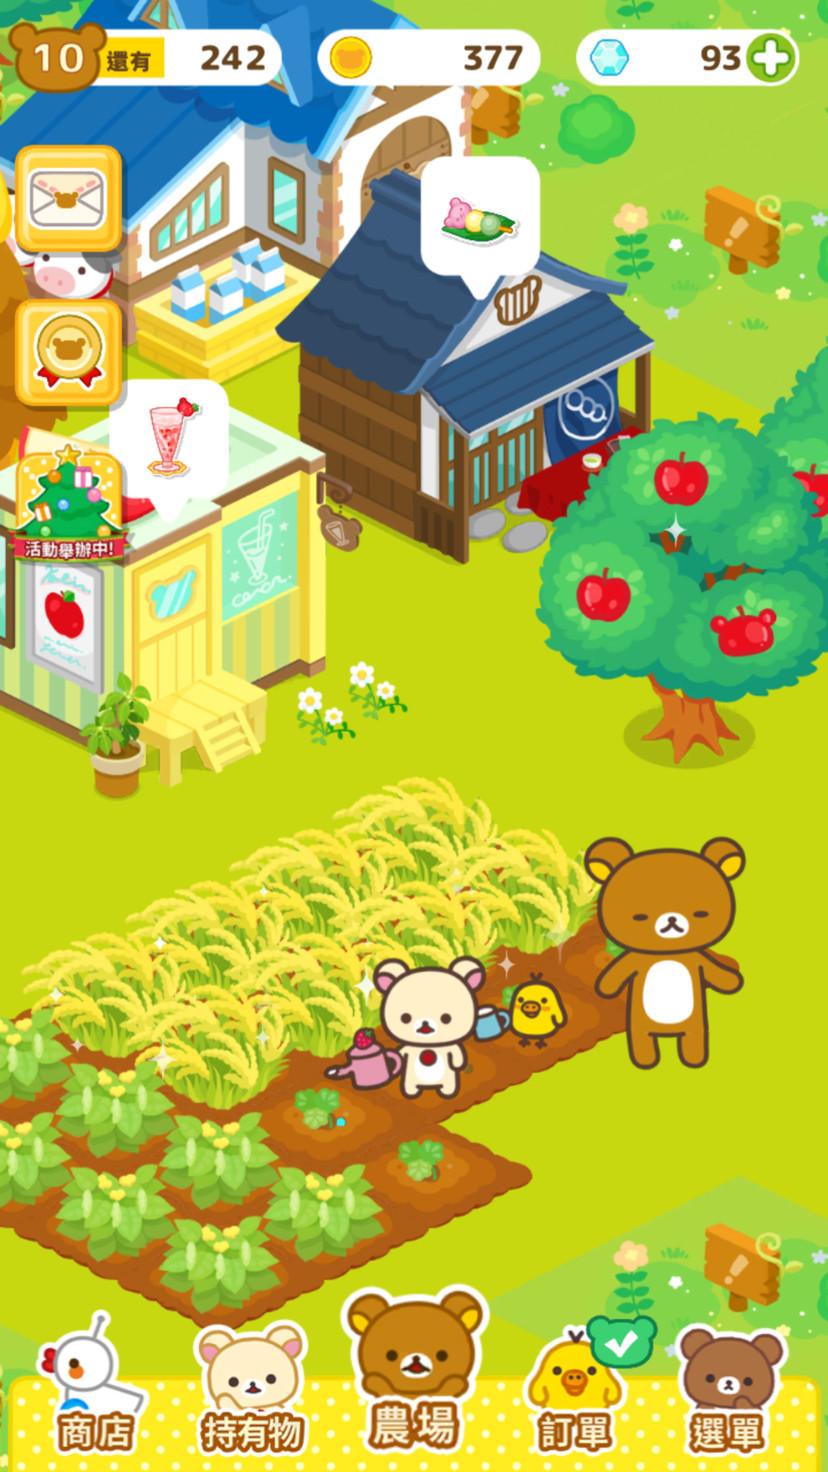 被點心吃到飽騙去無人農場打工?《拉拉熊農場》來幫助廢萌的拉拉熊經營農場,一起完成吃到飽的美夢吧!